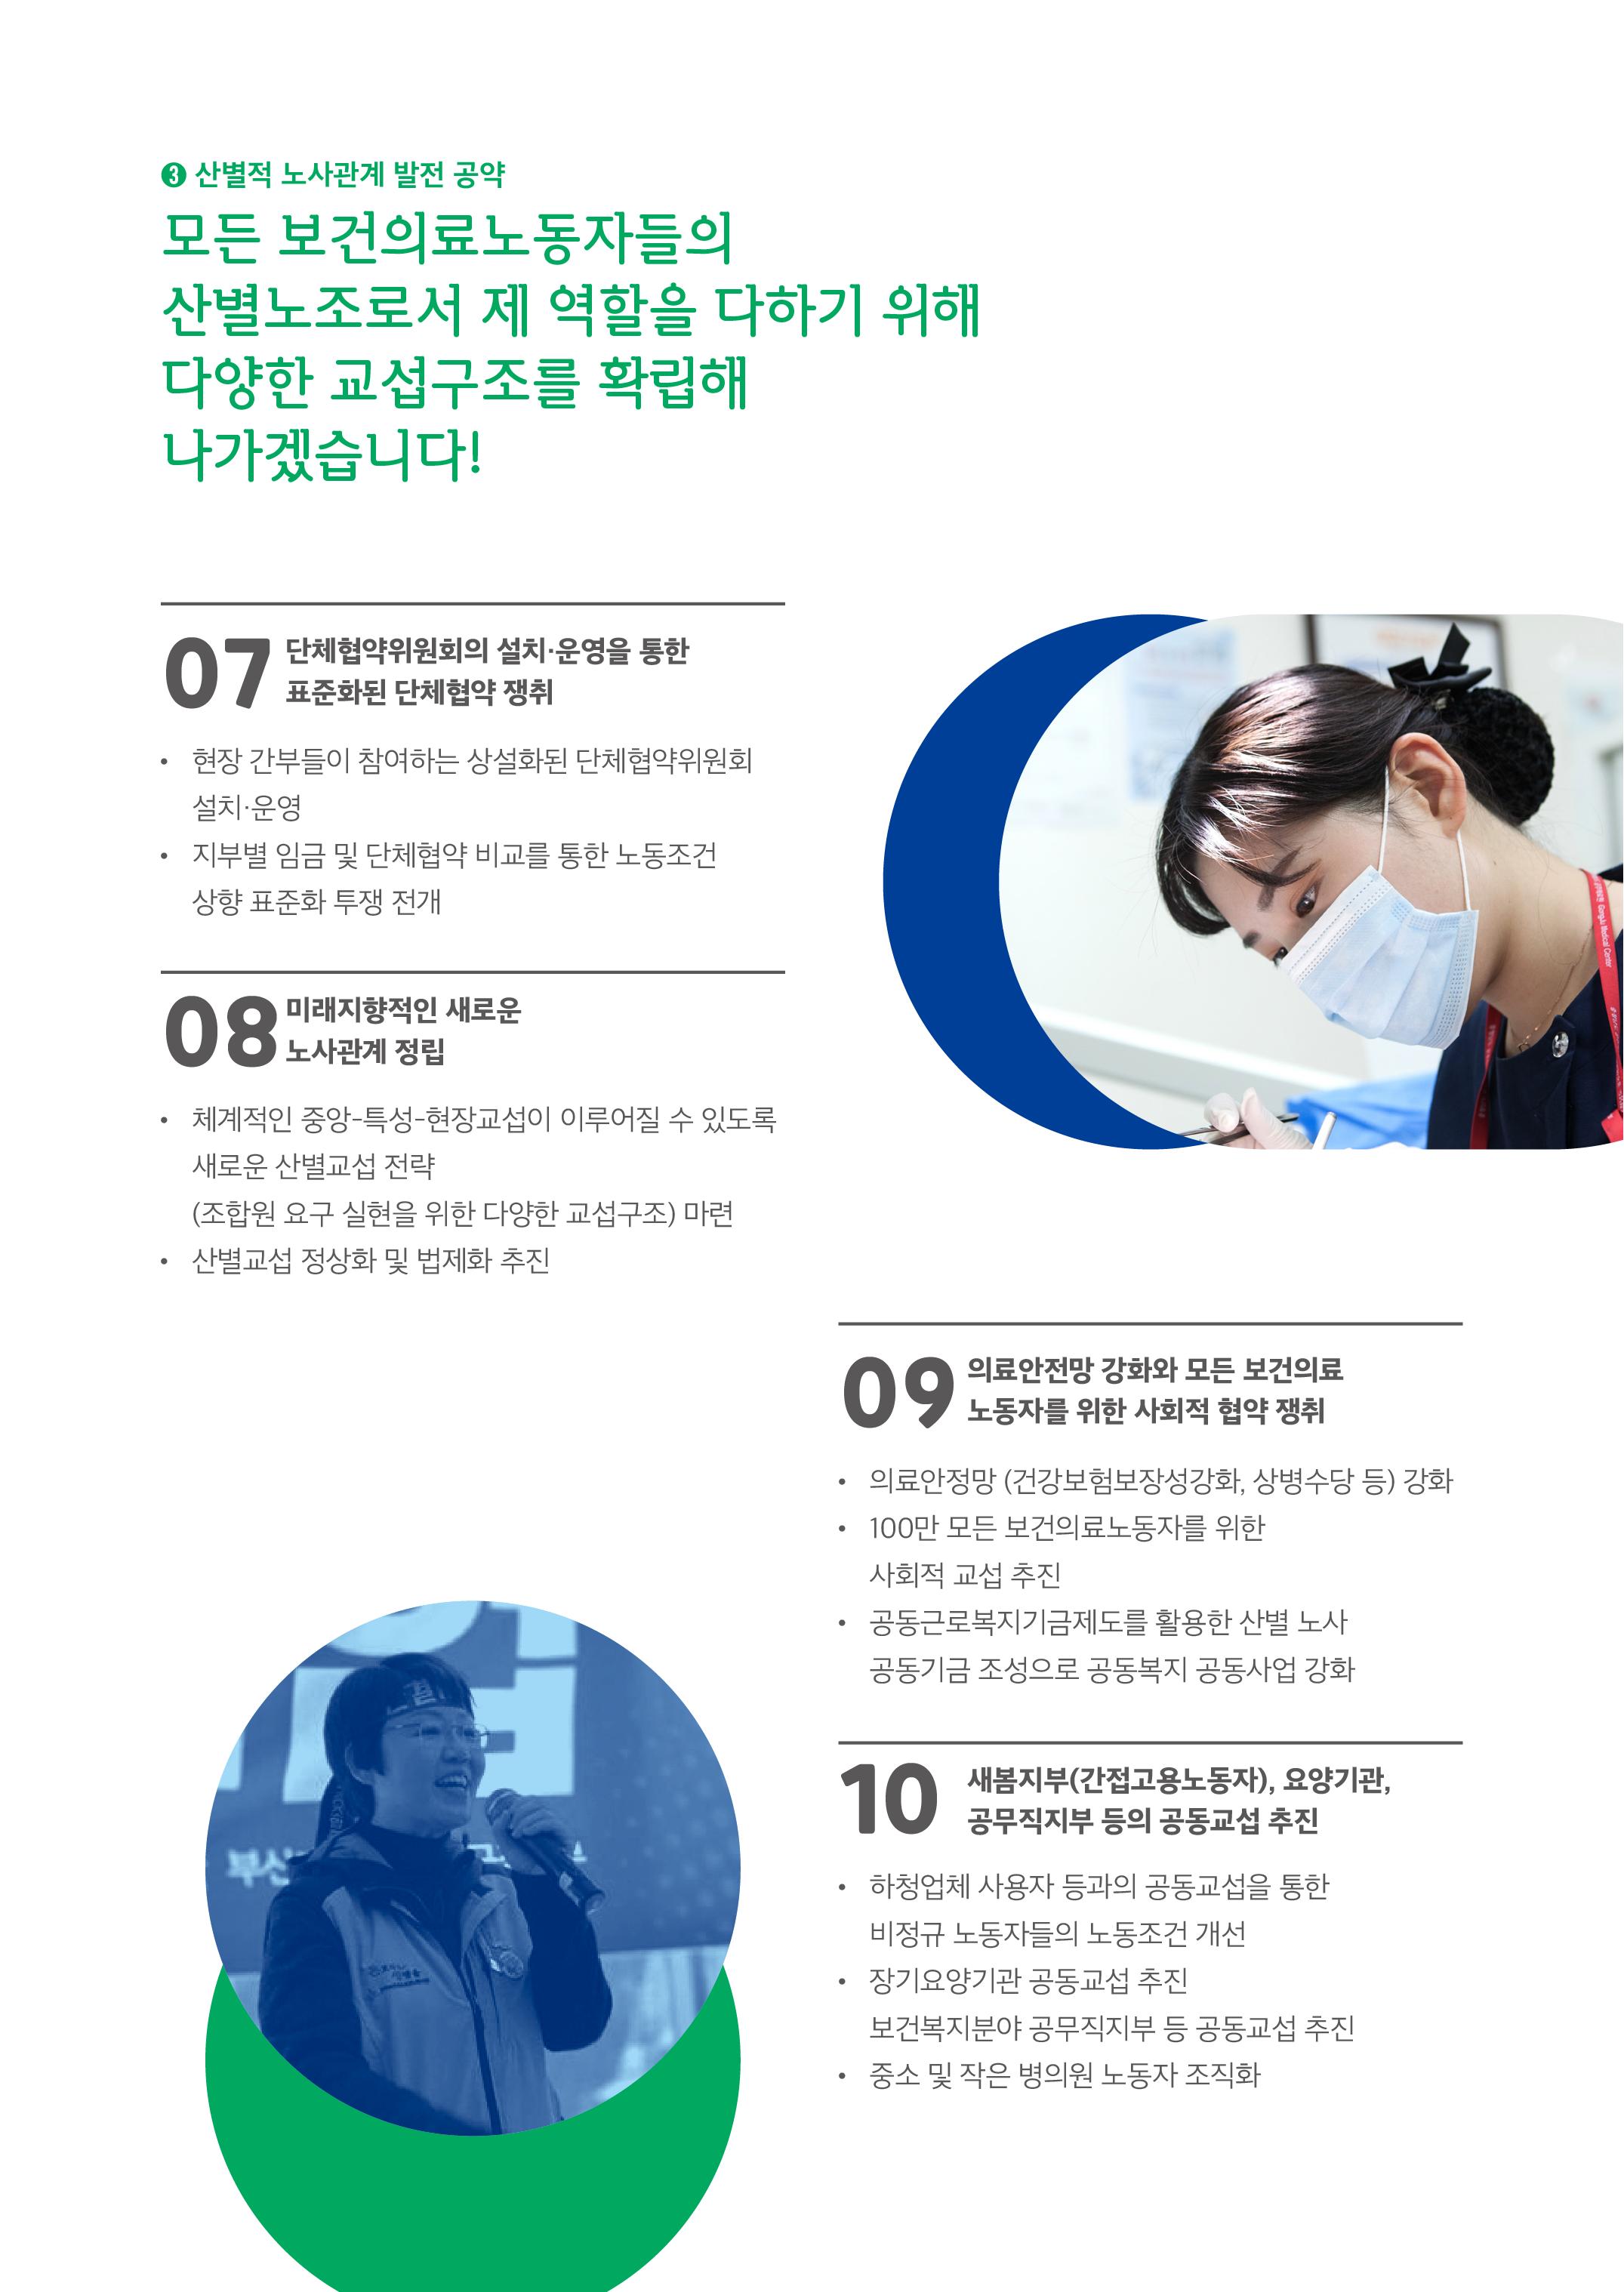 9기임원선거_공약-03.png